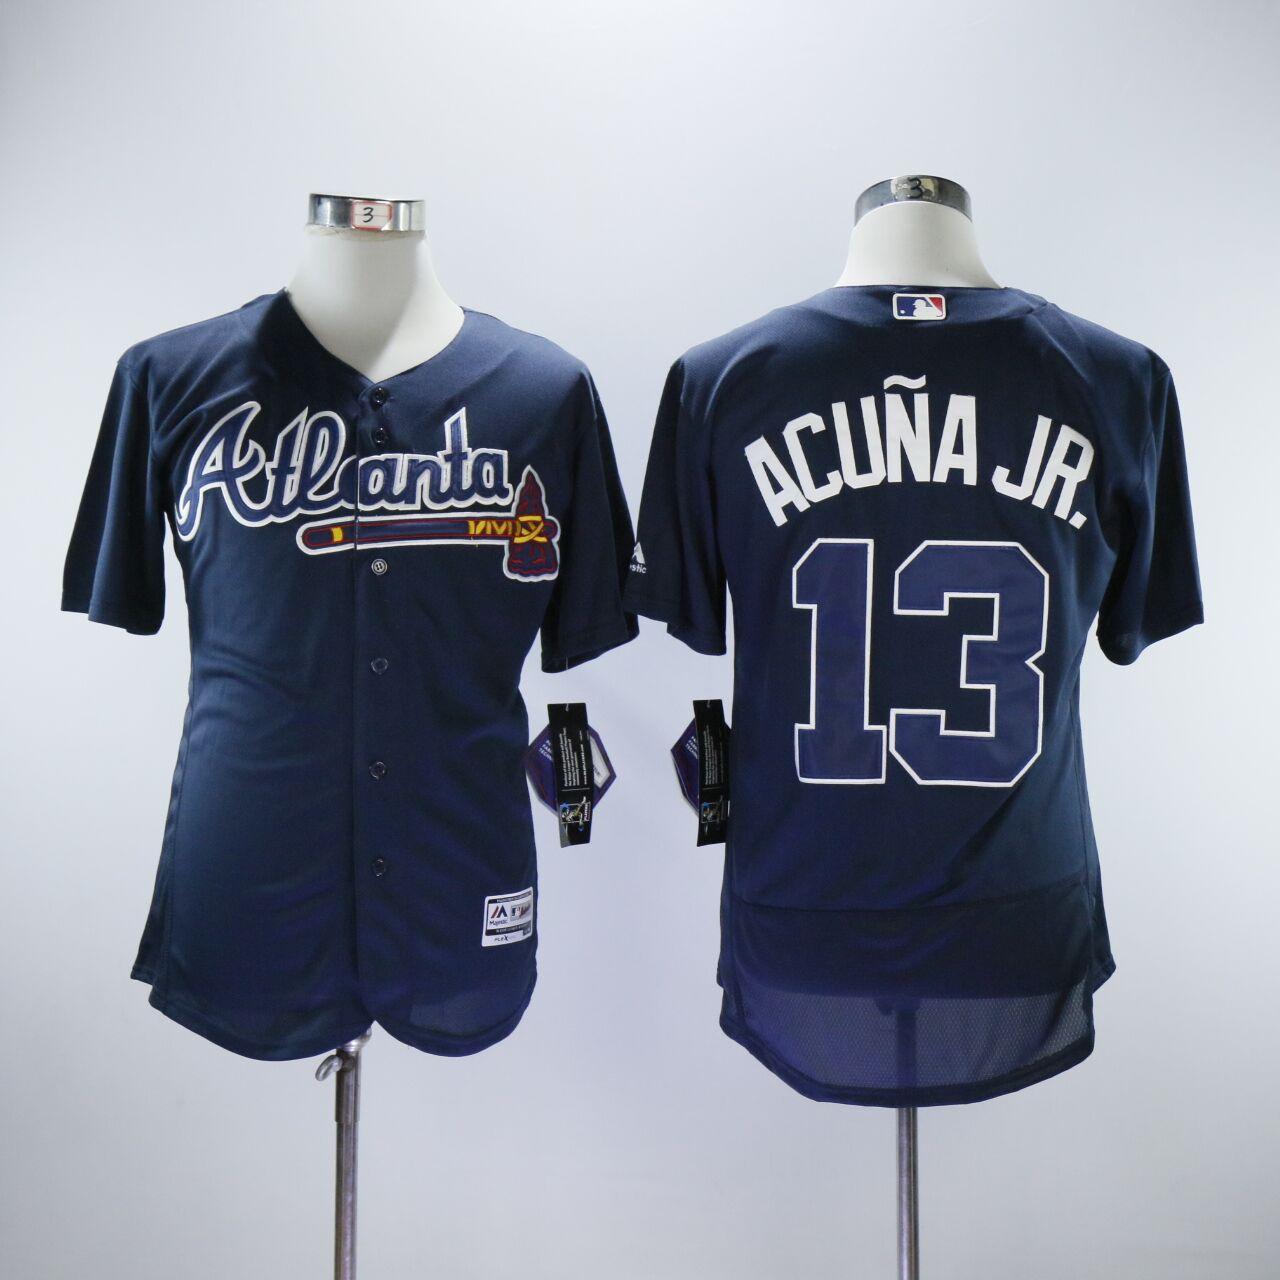 Braves 13 Ronald Acuna Jr. Navy Flexbase Jersey